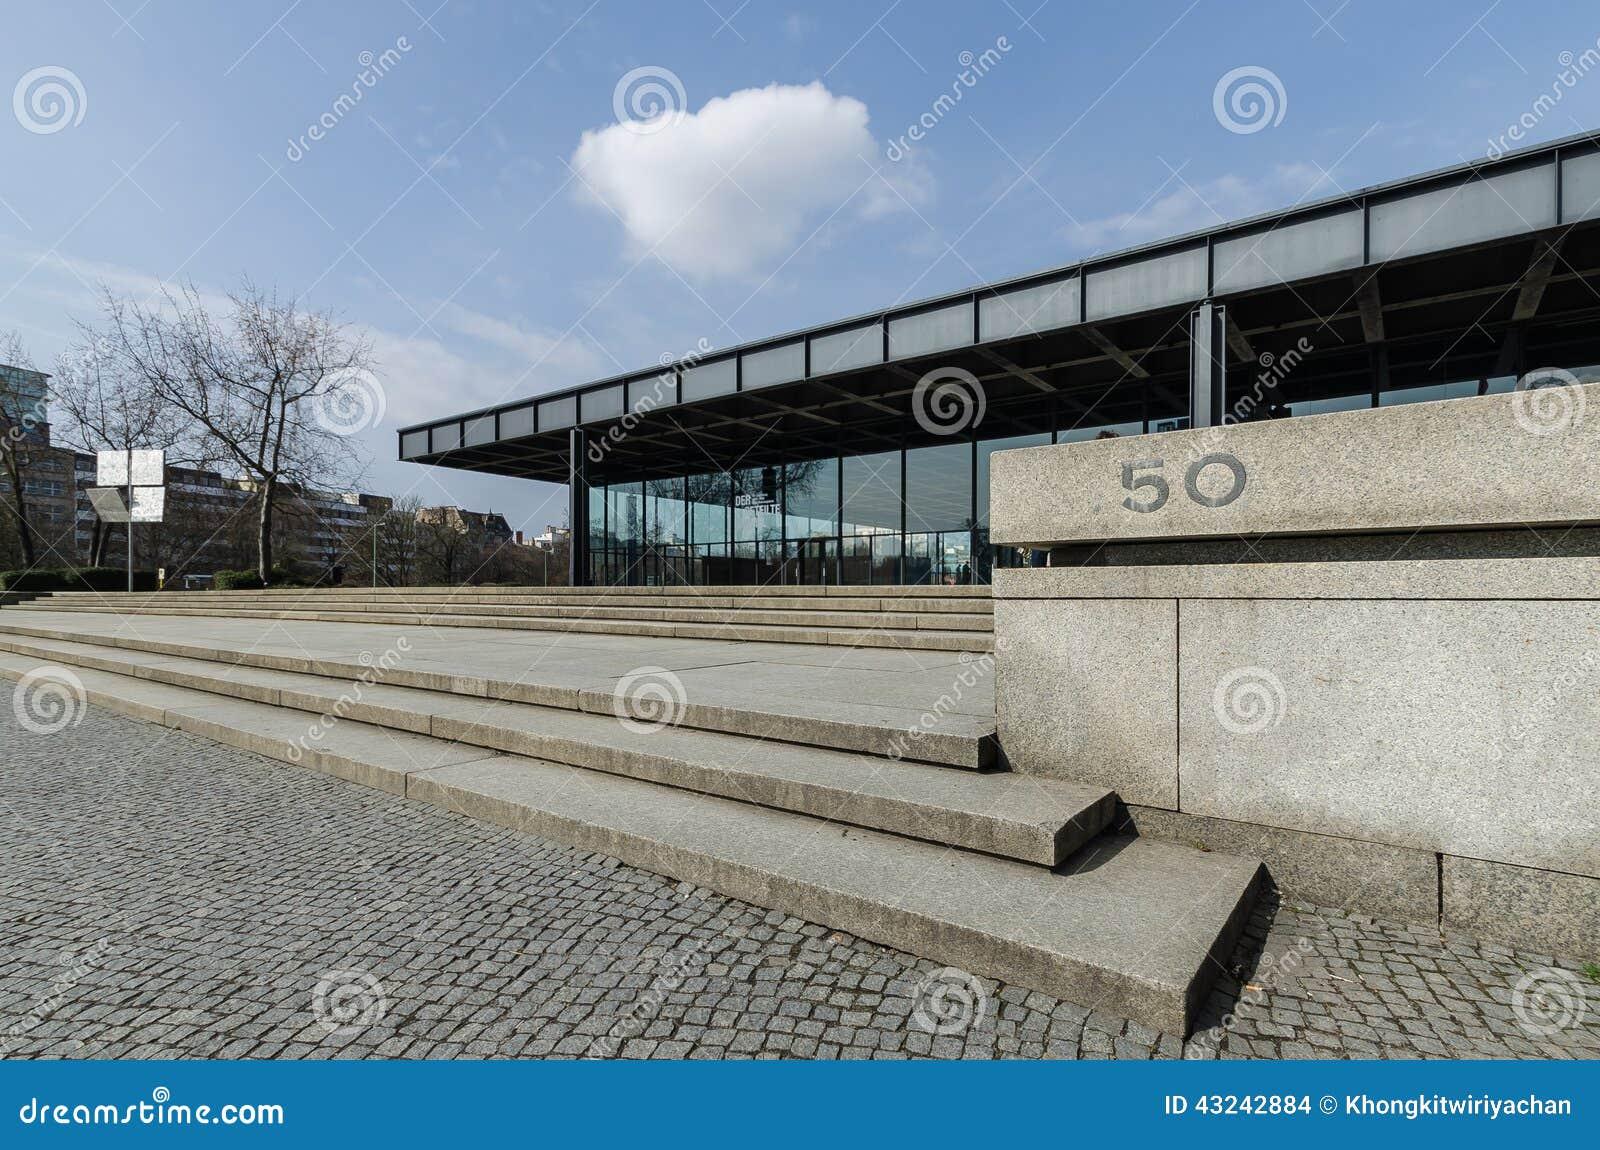 nationalgalerie美术画廊在柏林图片